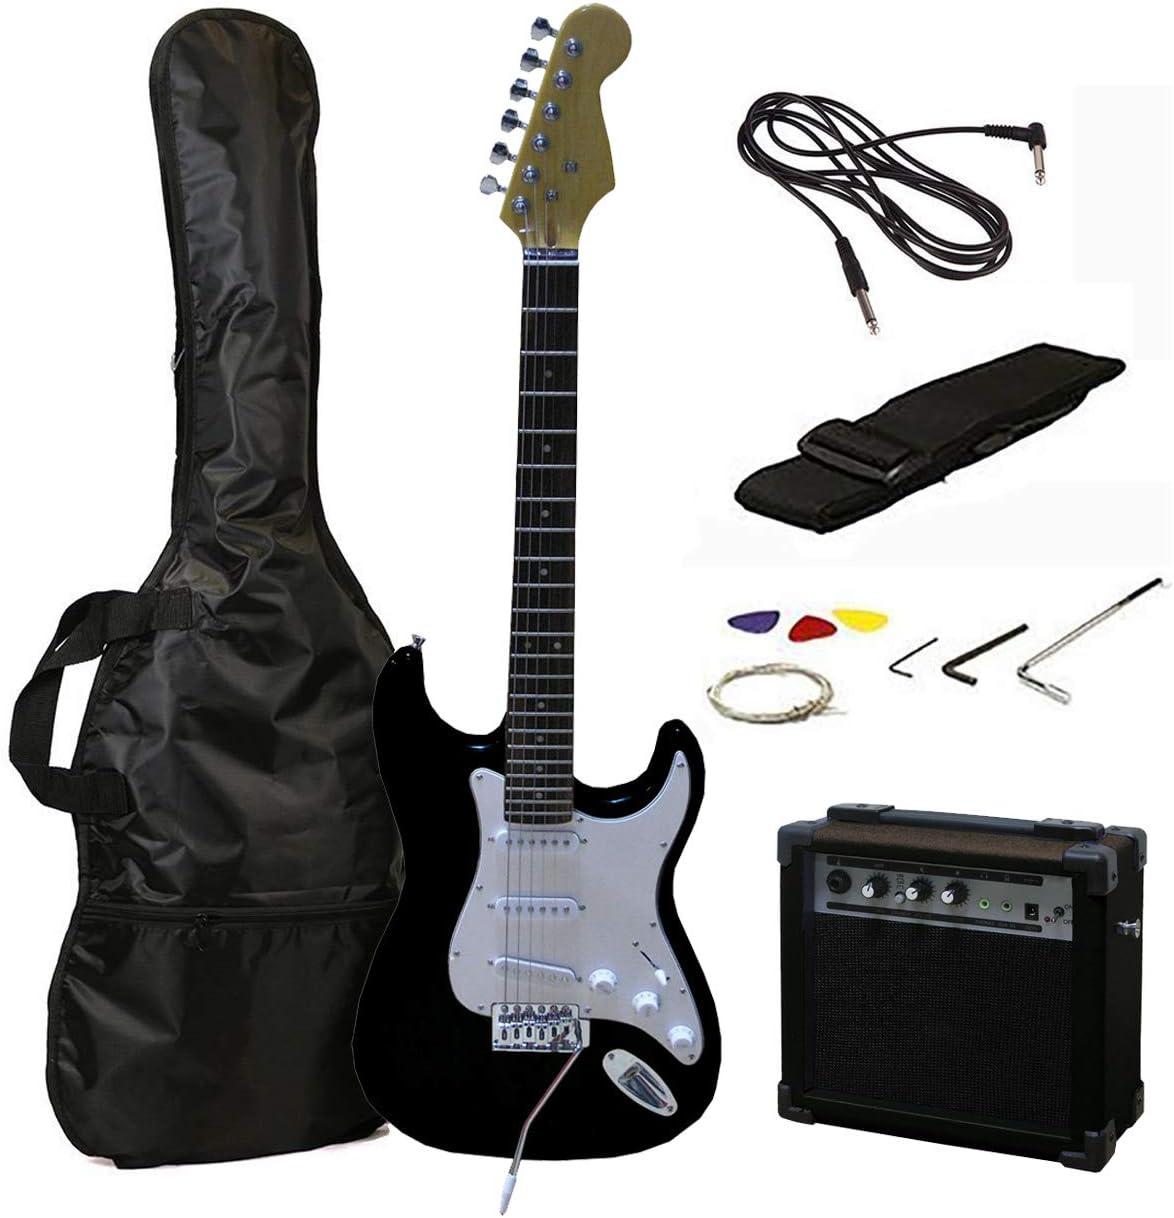 Tamaño RockJam eléctrica llena Superkit guitarra con amplificador de guitarra, secuencias de la guitarra, correa de la guitarra, guitarra bolsa y cable de la guitarra - Negro